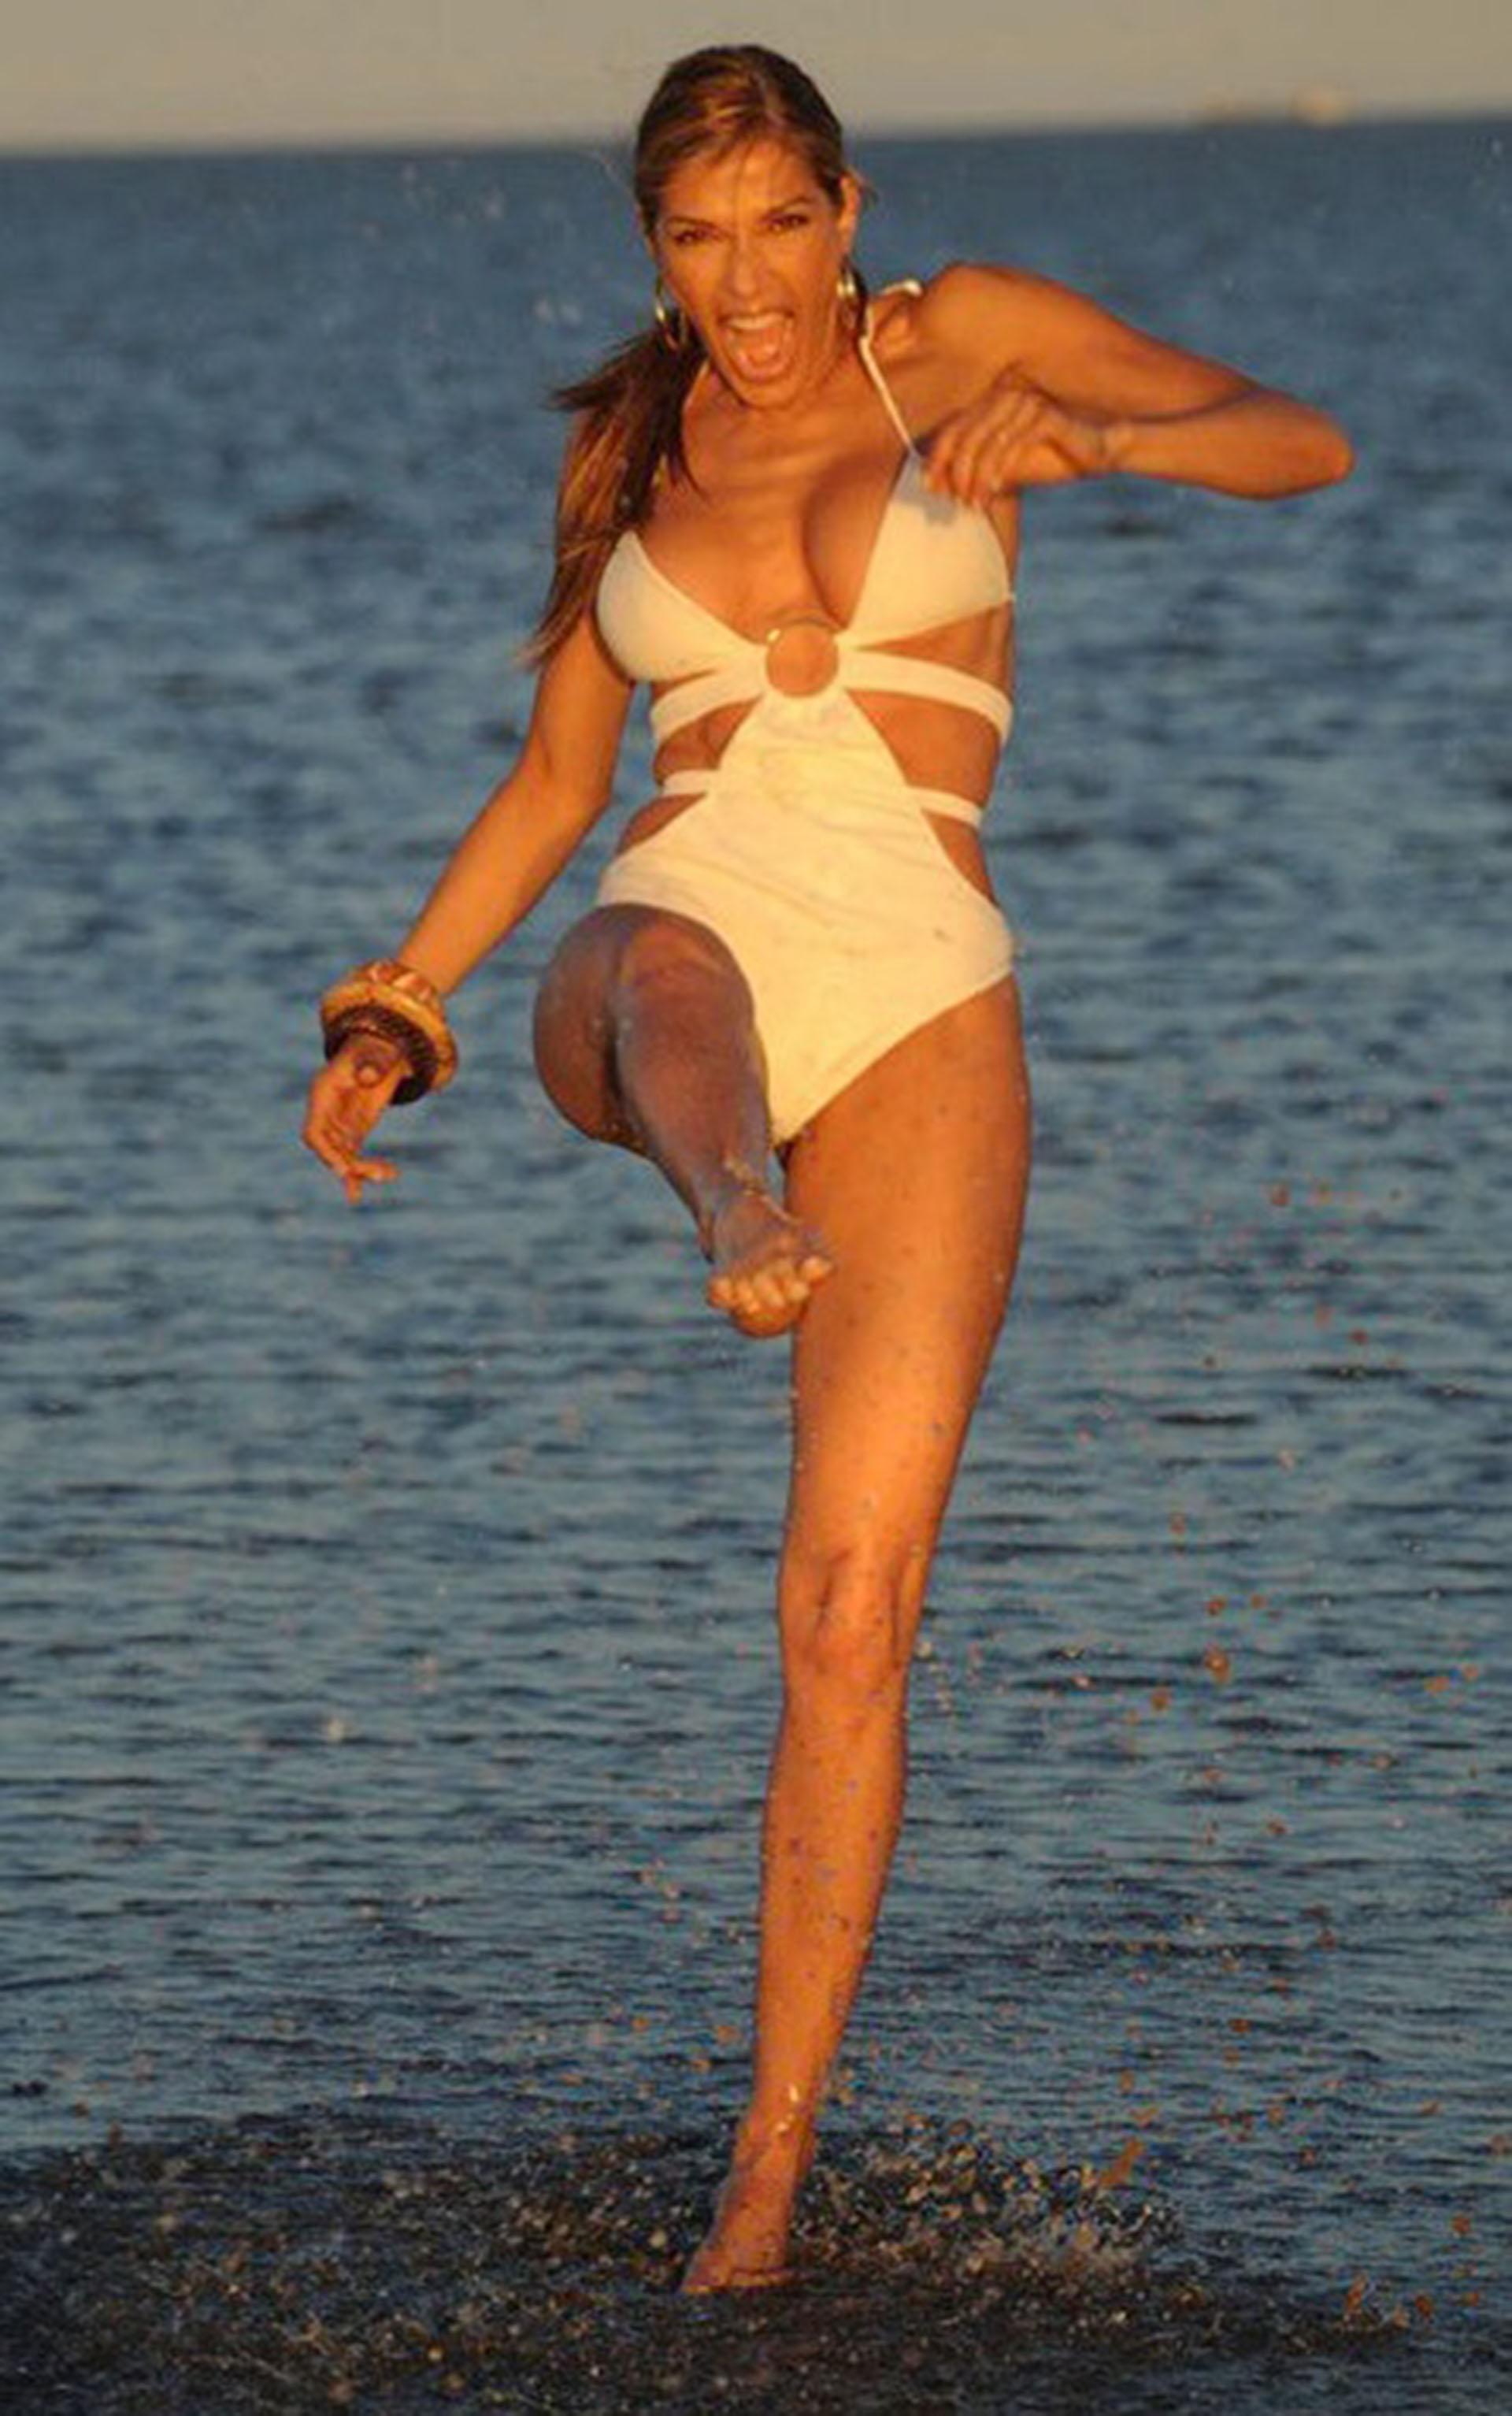 En febrero del 2009 fue jurado del Festival de la Canción de Viña del Mar en Chile